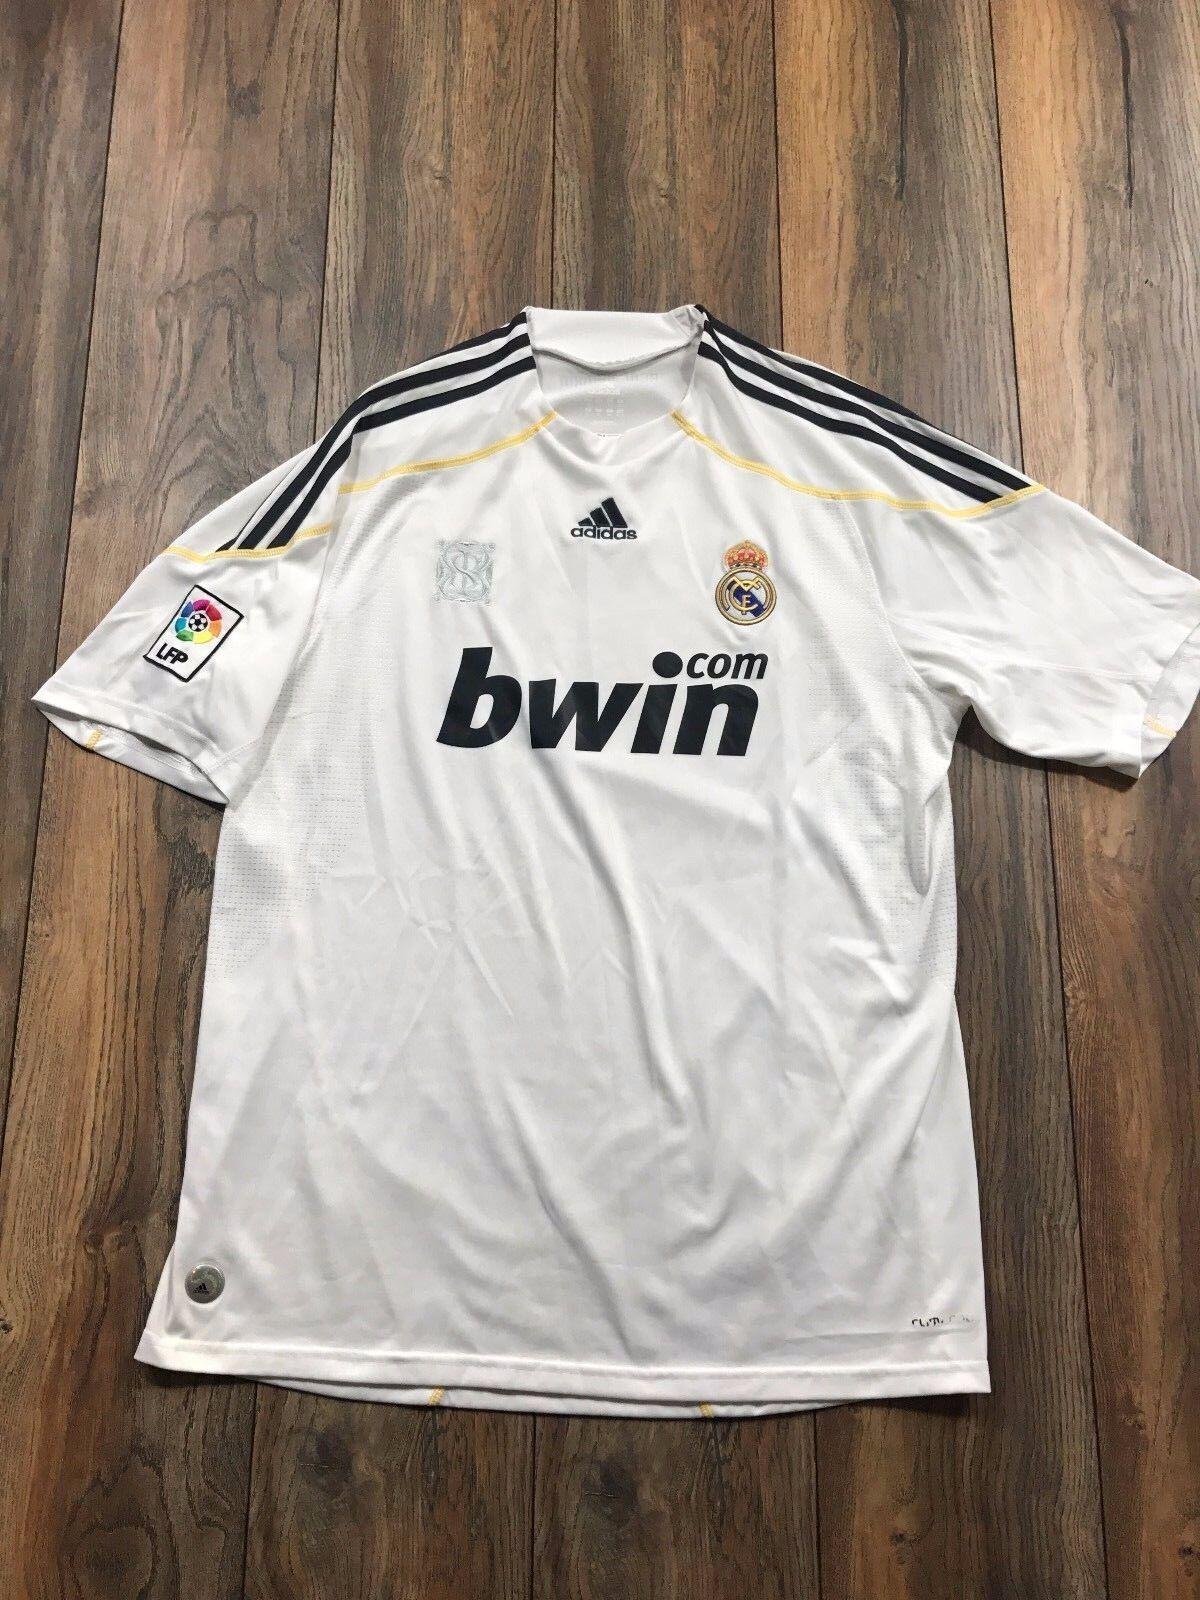 cf9de4e0adc RARE Adidas White Vtg Real Madrid Spain Era Formotion Shirt Match Jersey XL